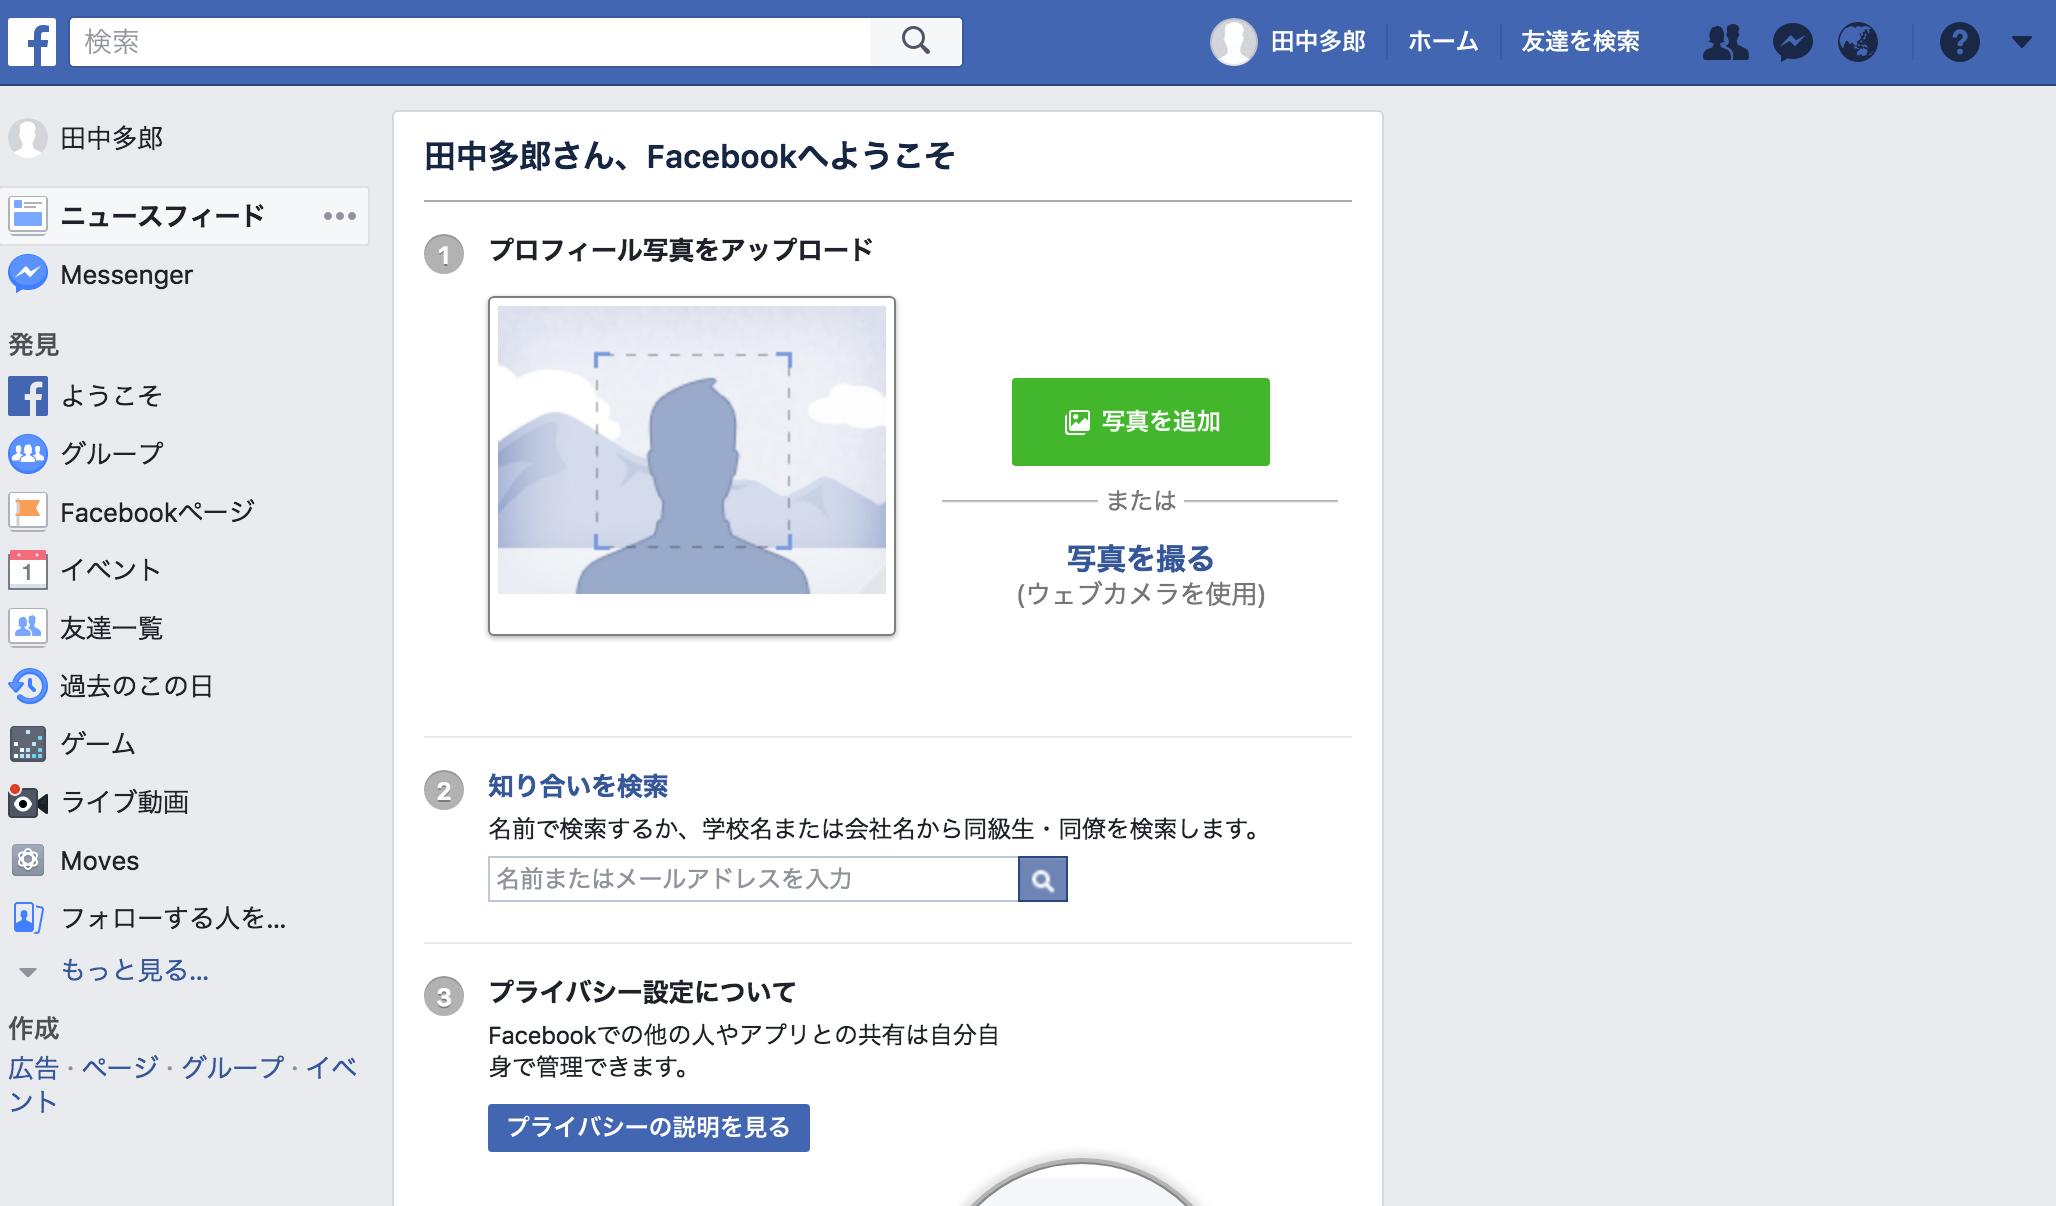 作成 facebook アカウント Facebookで仕事用アカウントを作るときの設定方法&注意事項